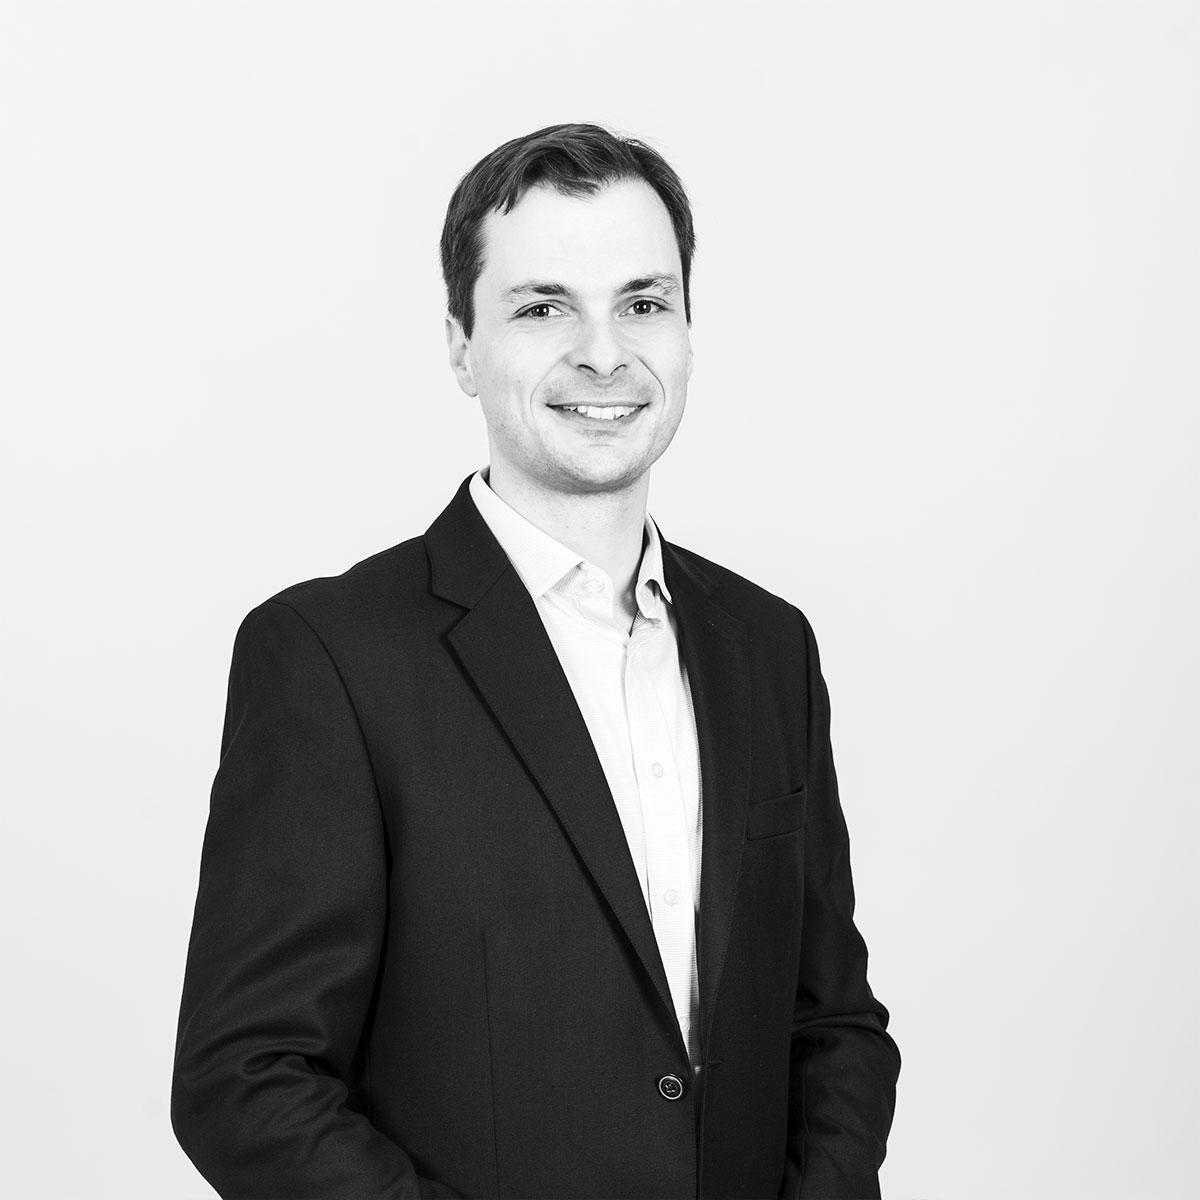 Dr. Stefan Handke